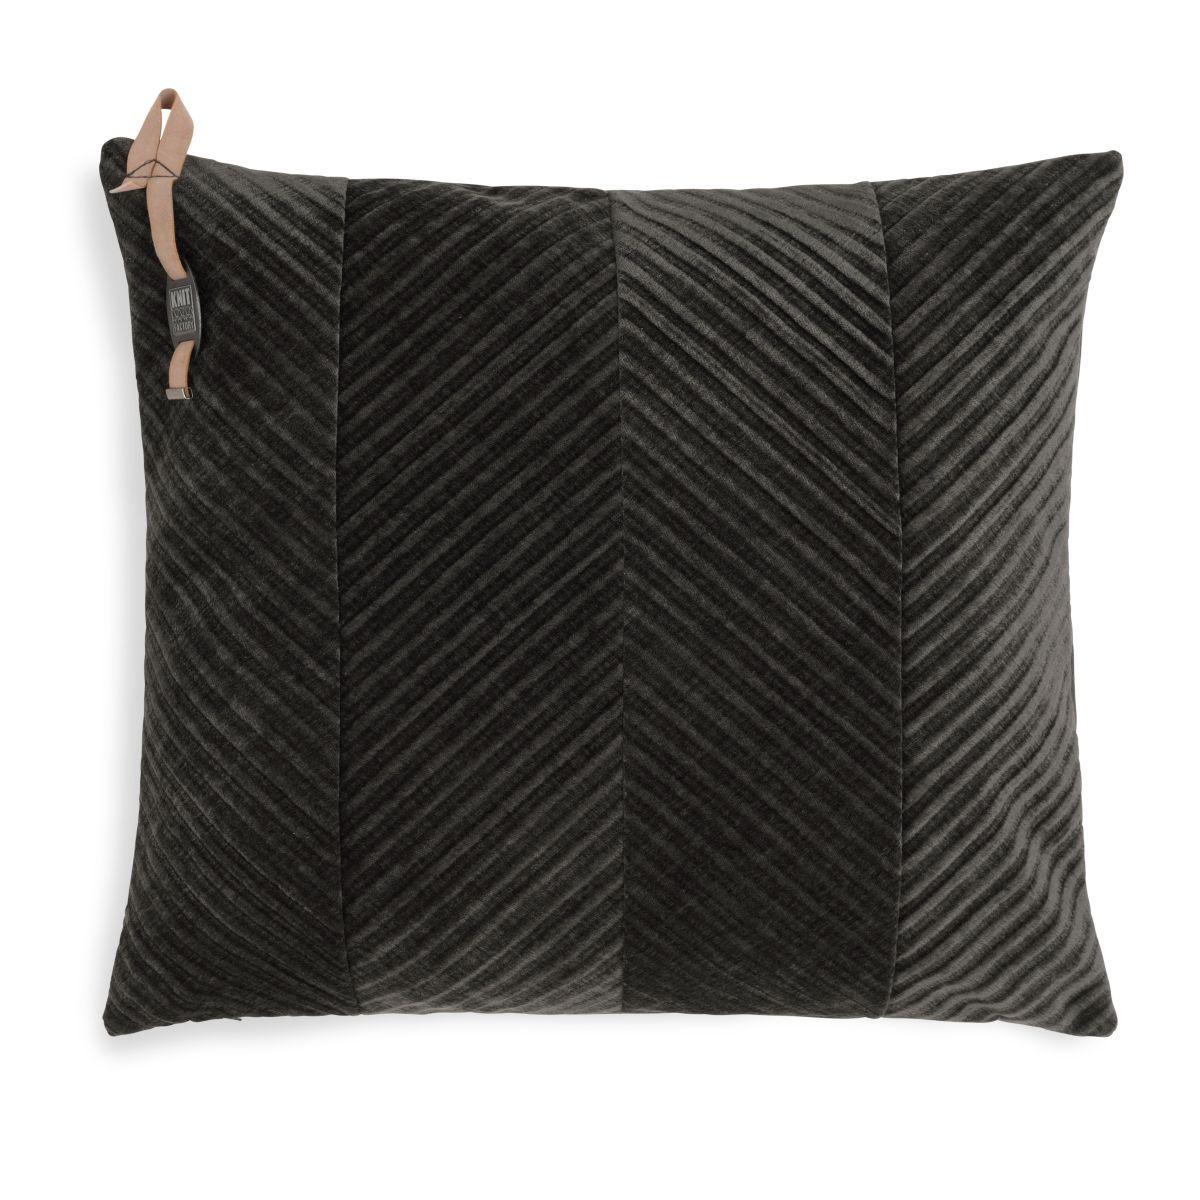 beau cushion dark brown 50x50